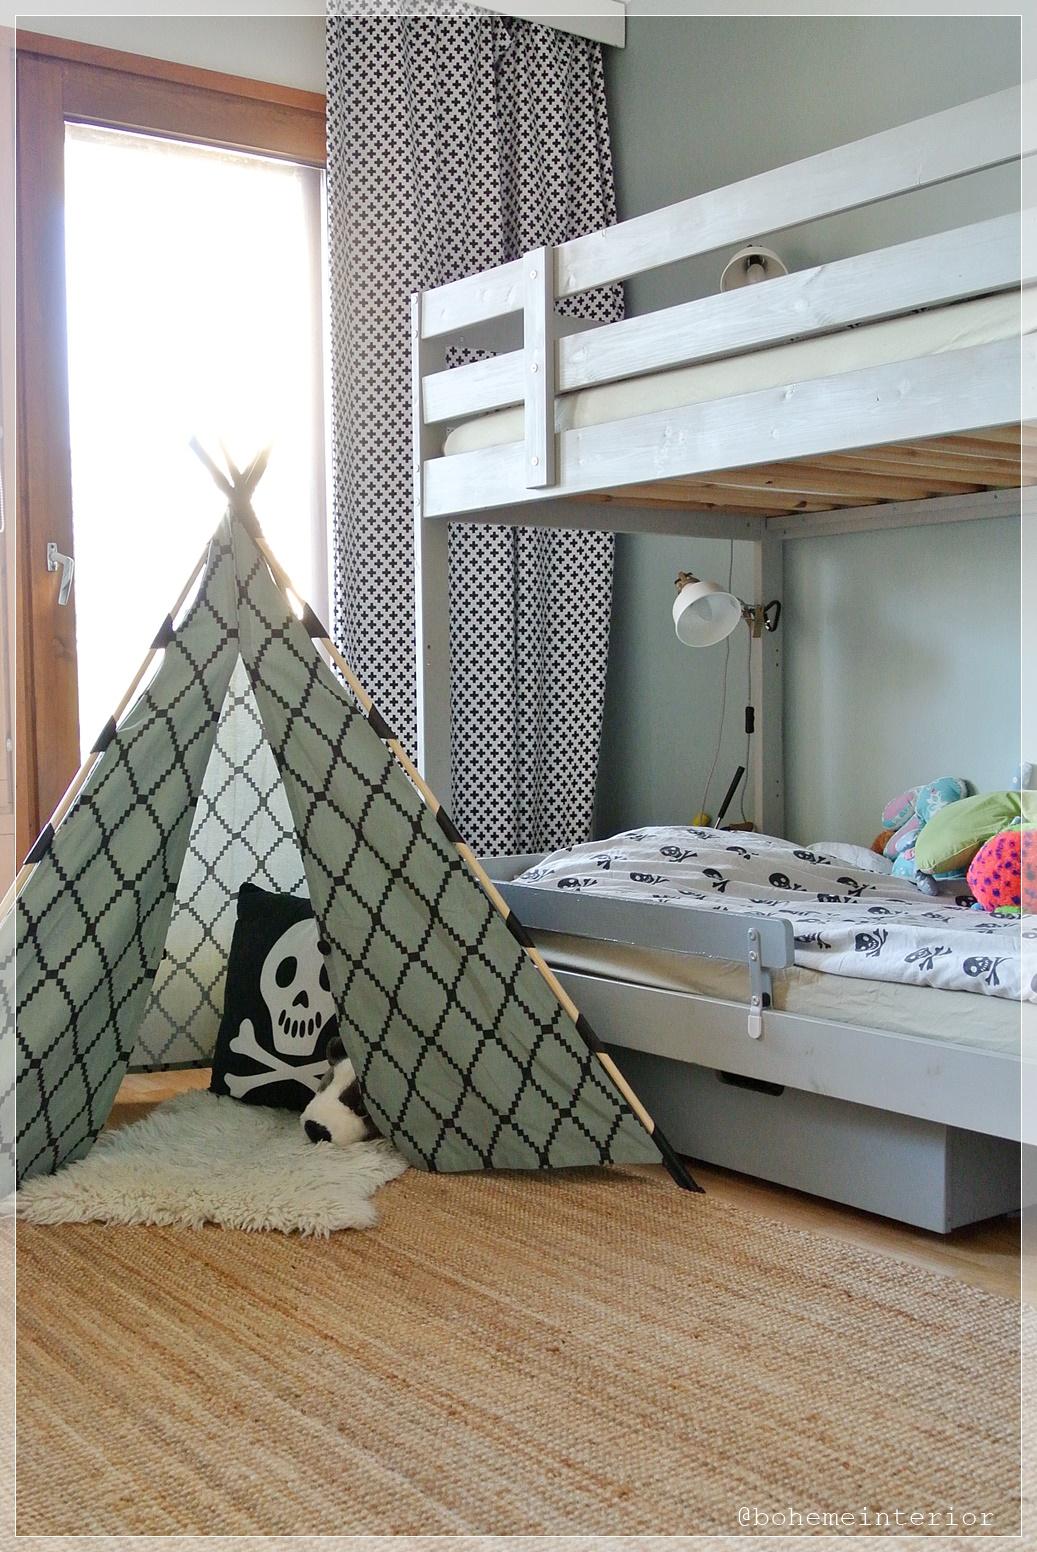 Lastenhuone, kids room, sisustus